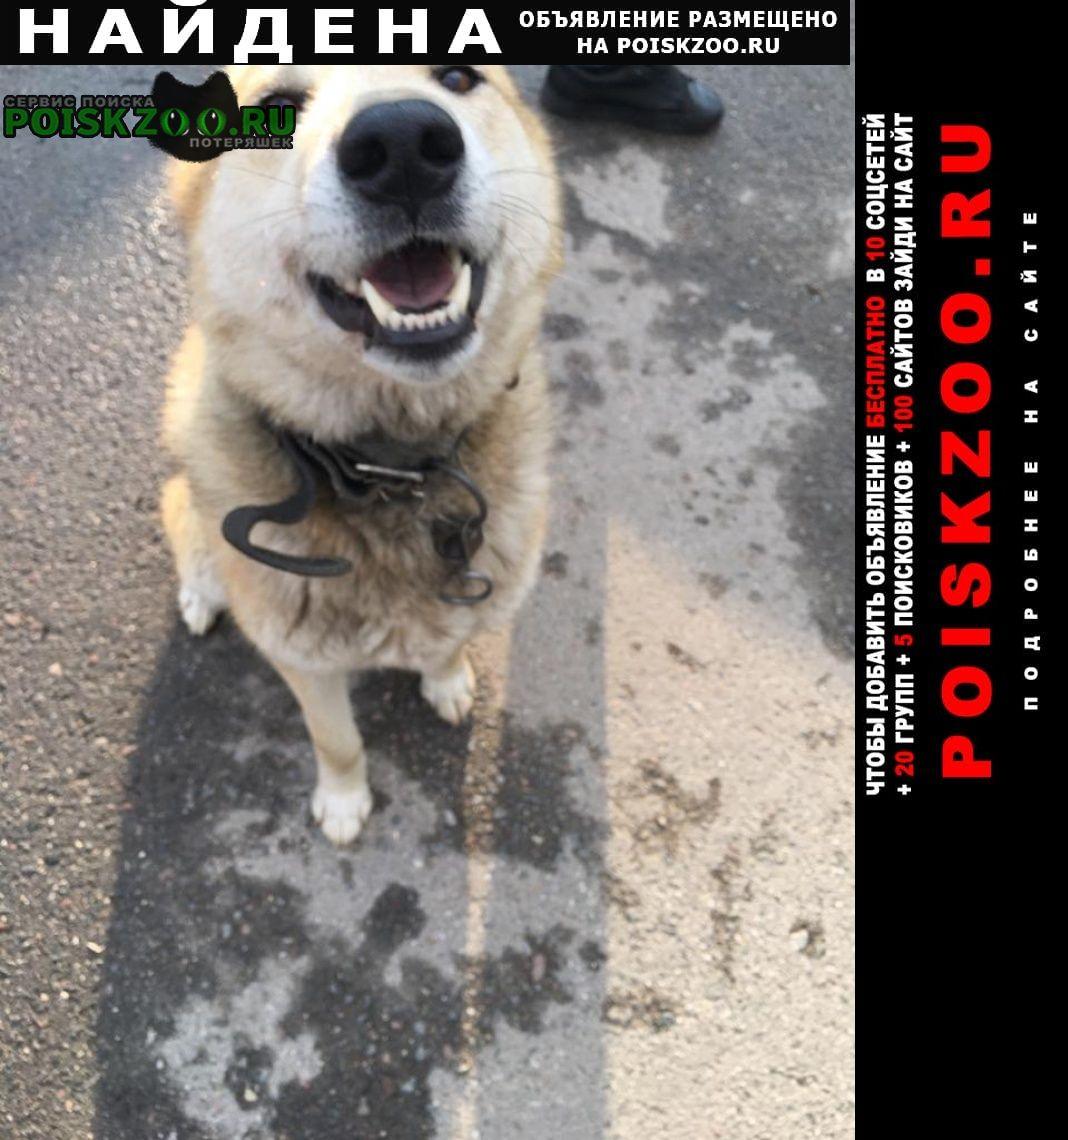 Найдена собака кобель д. аносино кп экоэстейт Истра